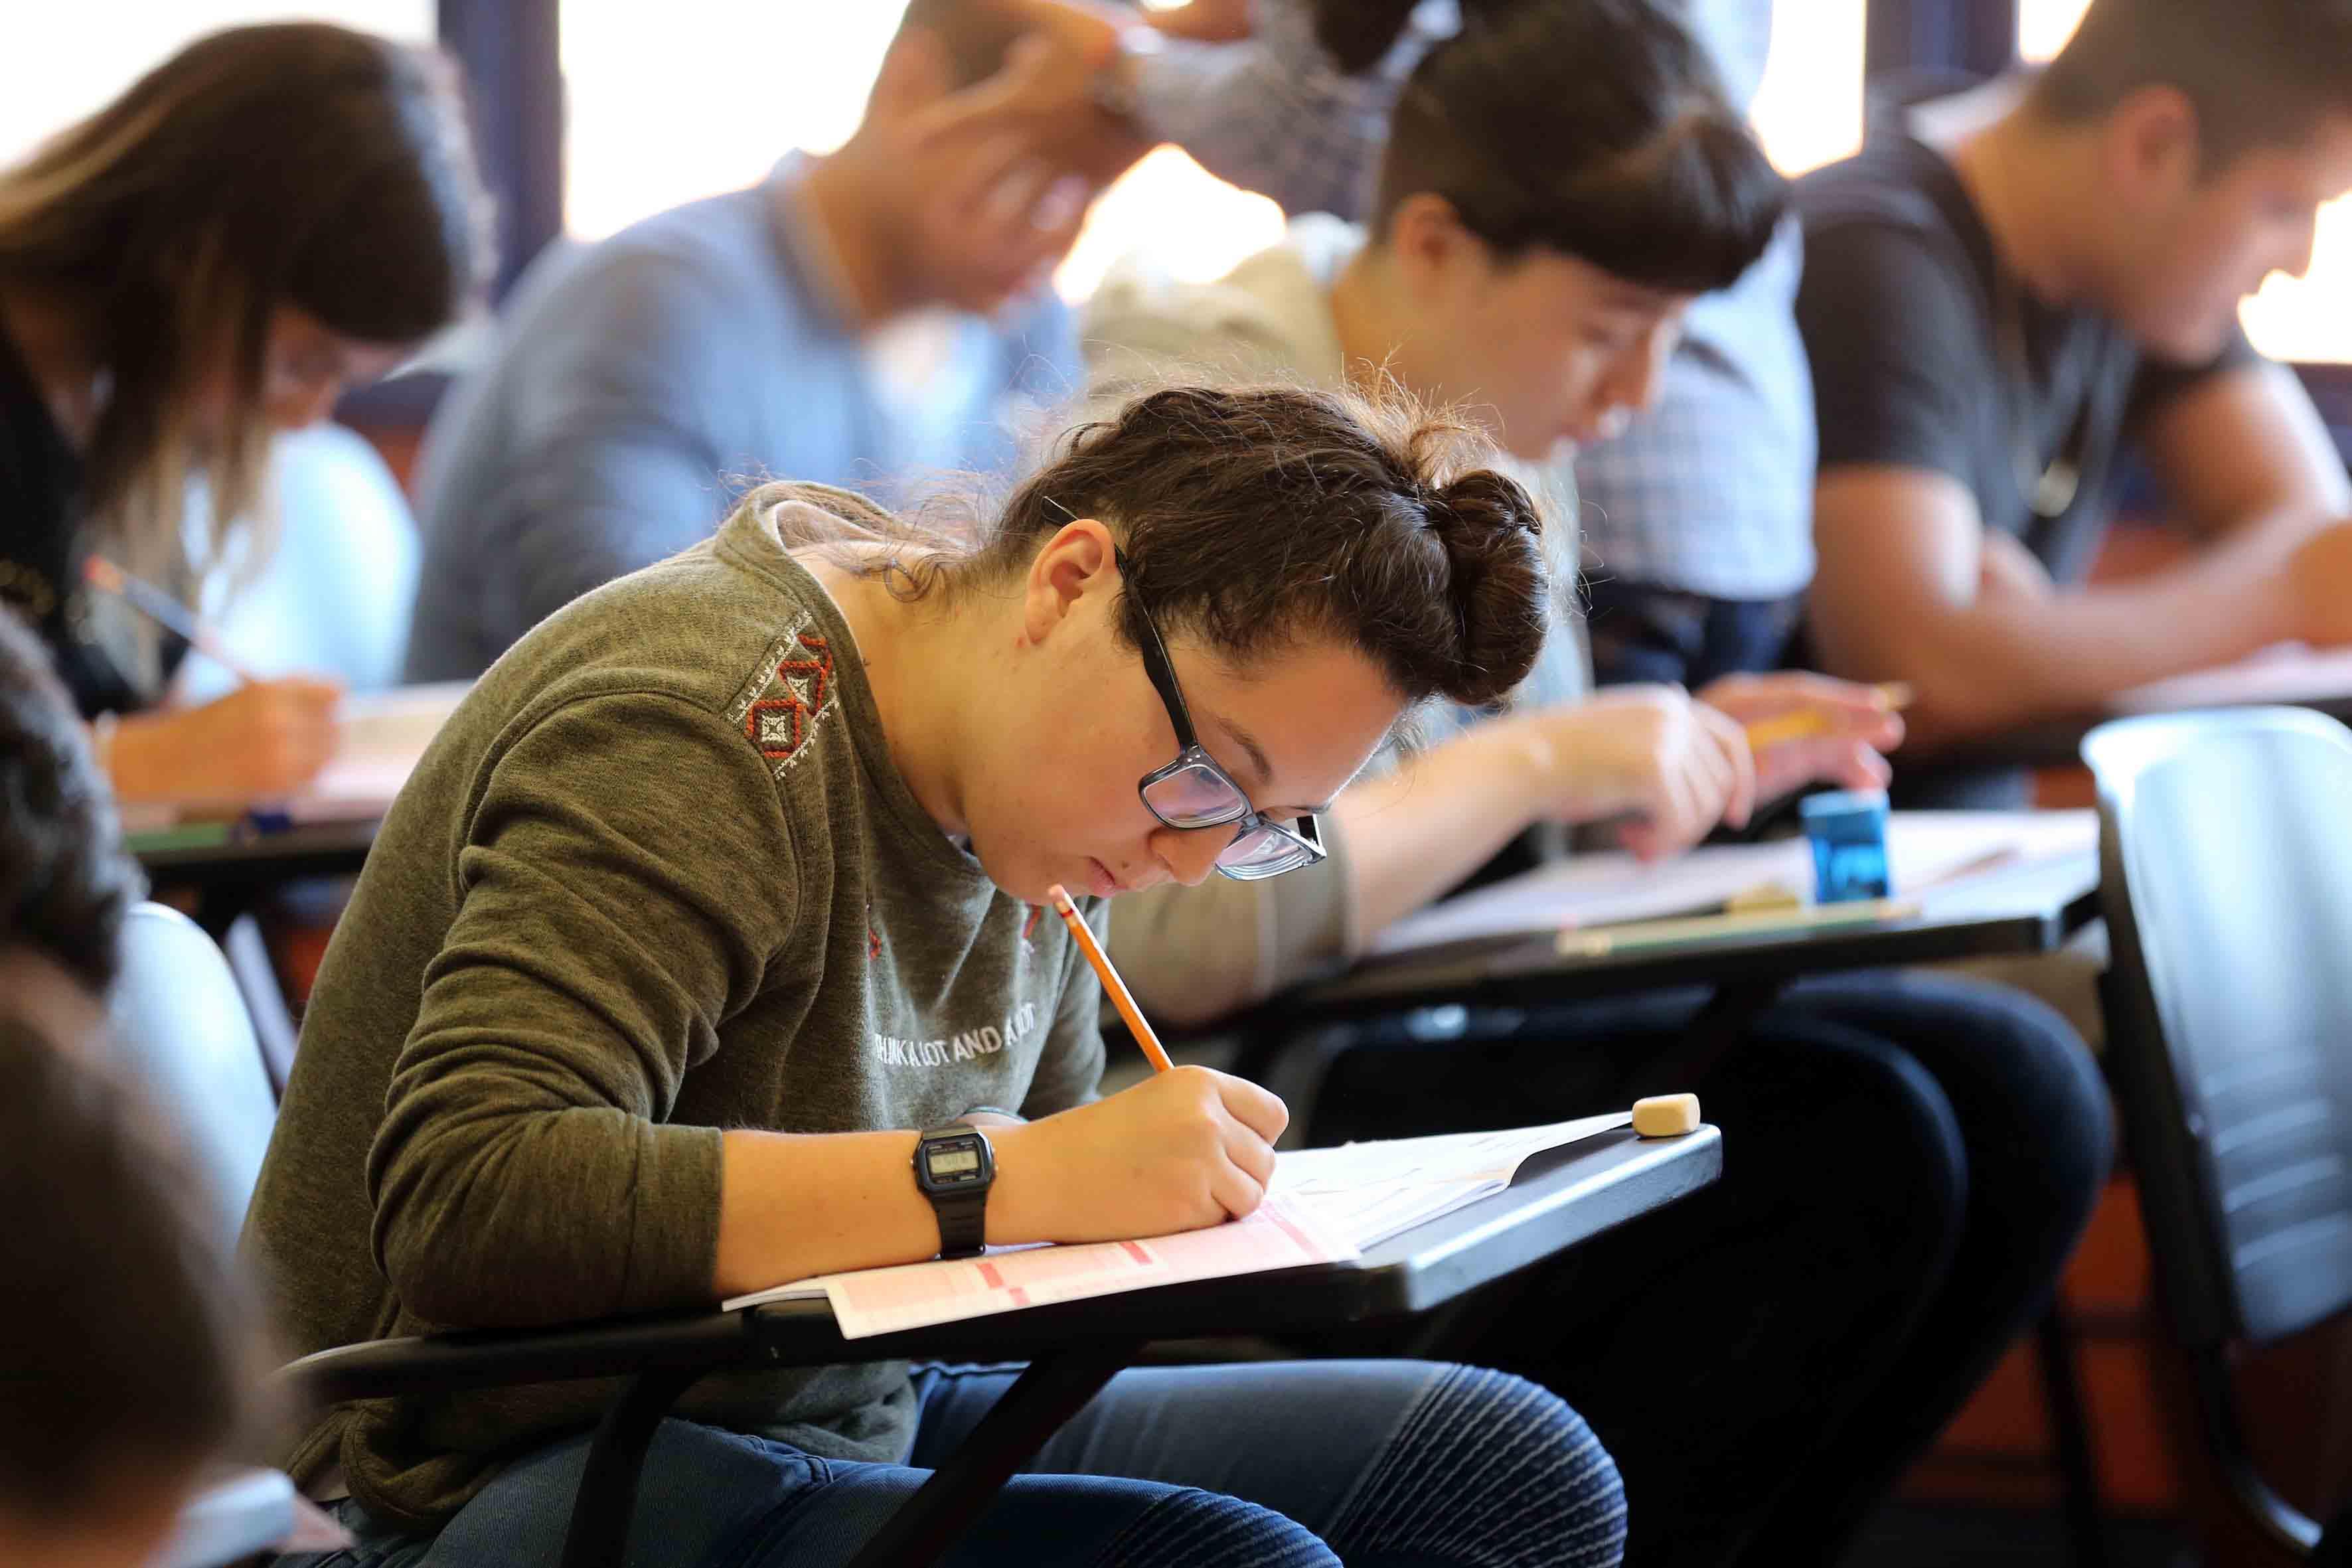 Joven aspirante a licenciatura de la Universidad de Guadalajara, aplicando examen de admisión.